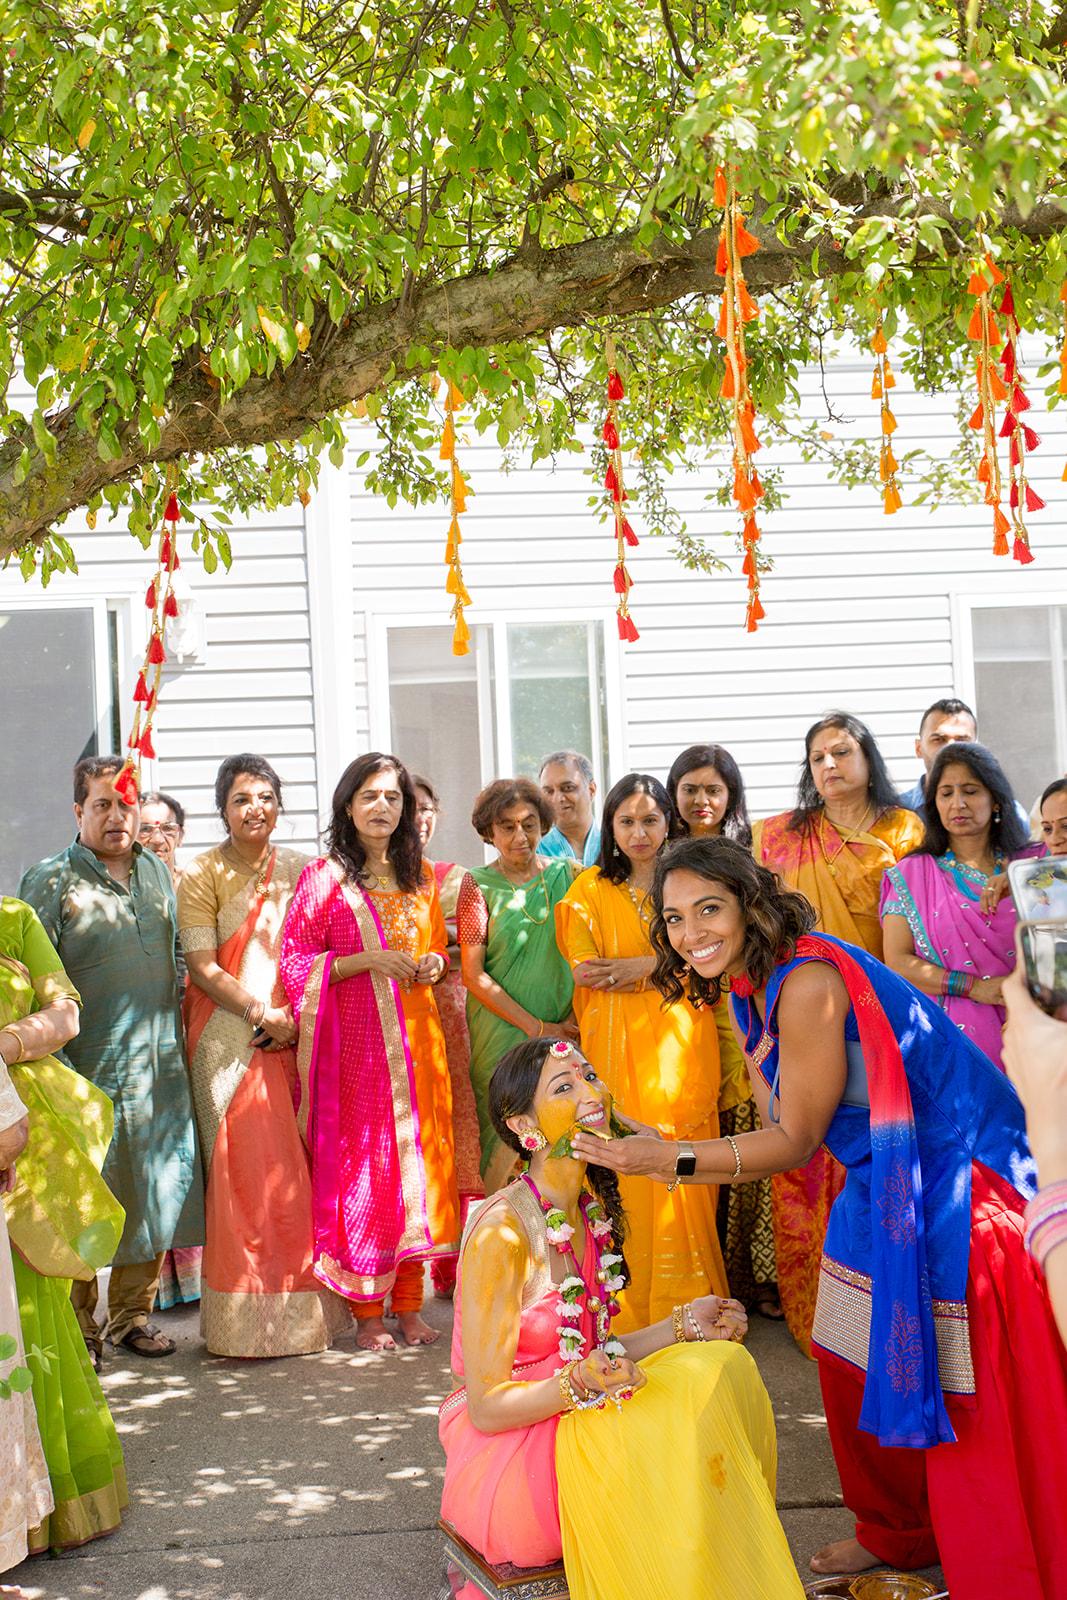 Le Cape Weddings - Puja and Kheelan - Pithi A   -124.jpg